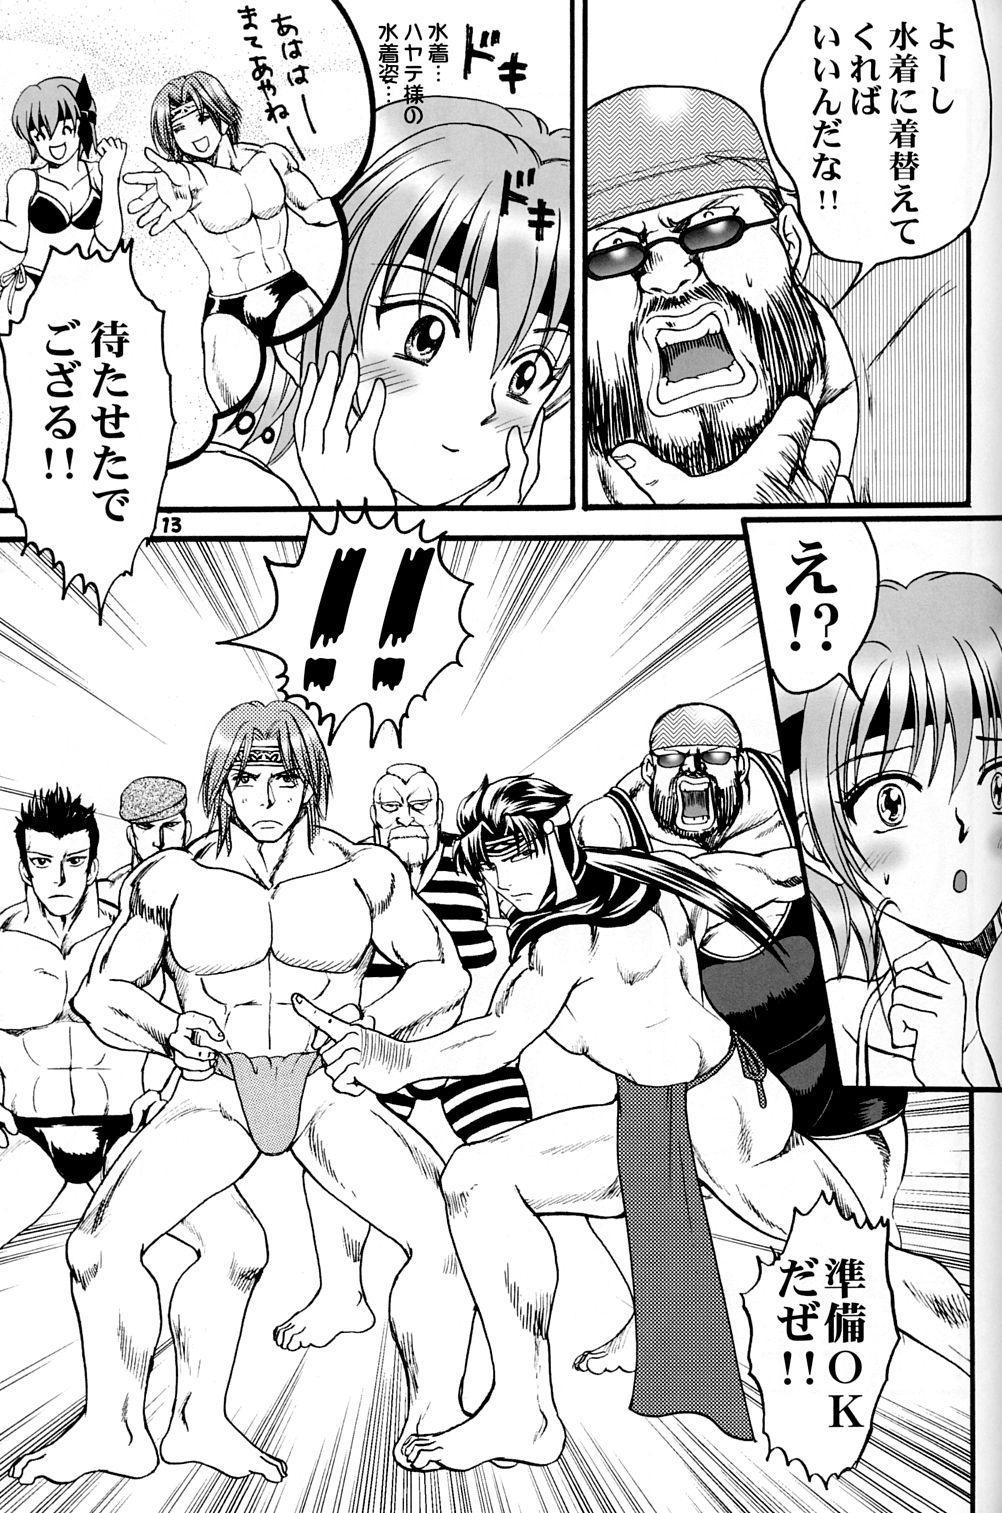 Gokujou desu yo! - It's XTREME! 11